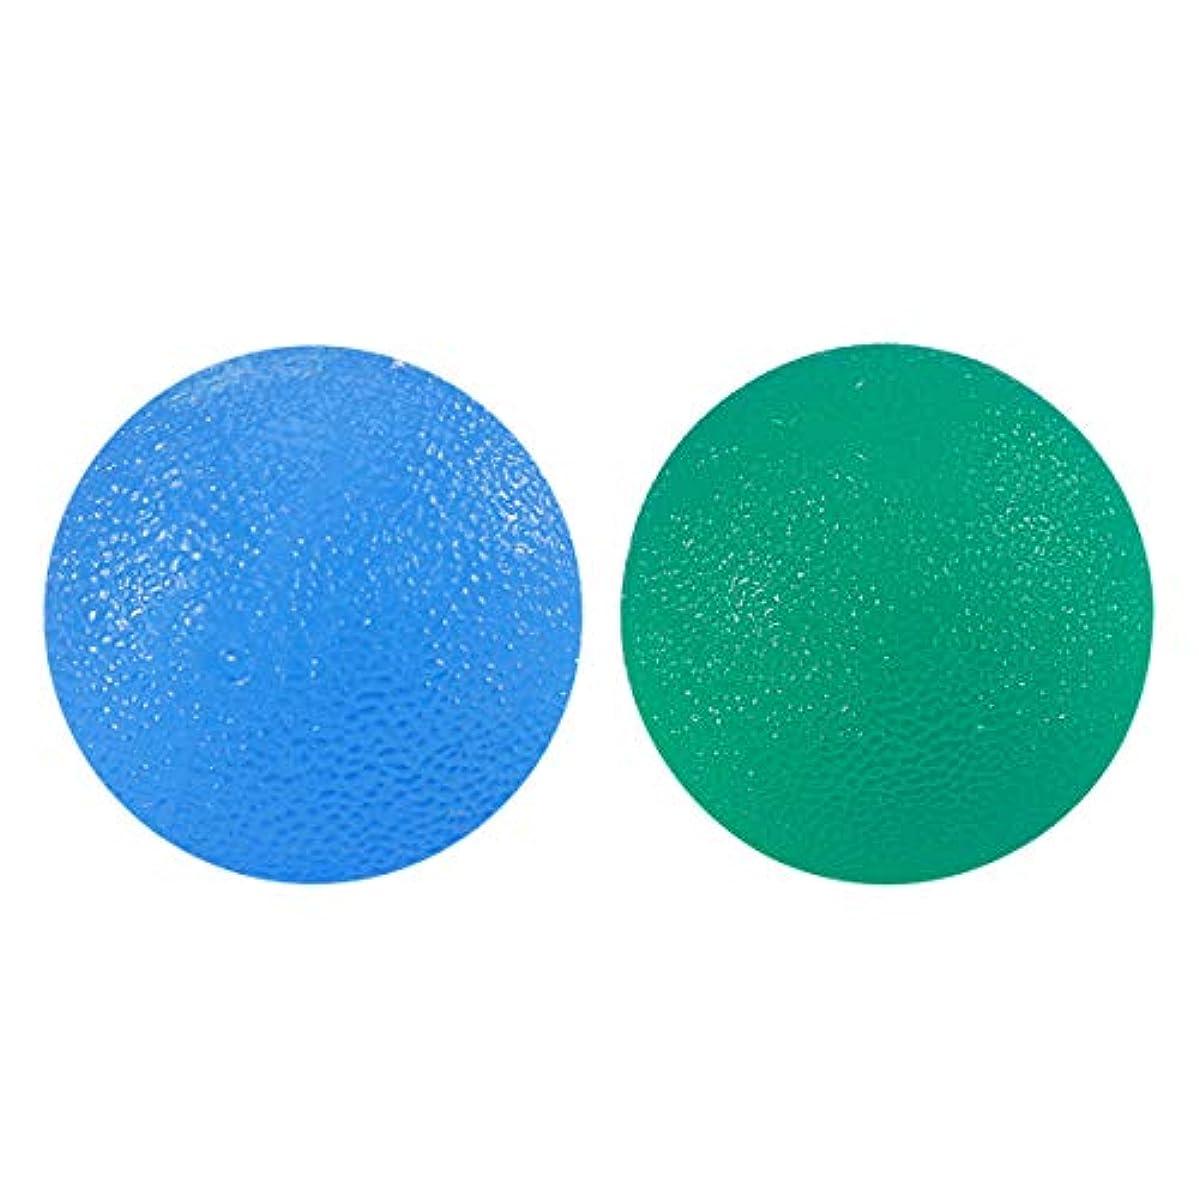 自発新鮮な勤勉なROSENICE フィンガーセラピーボールエクササイズボールハンドリハビリトレインボール2個